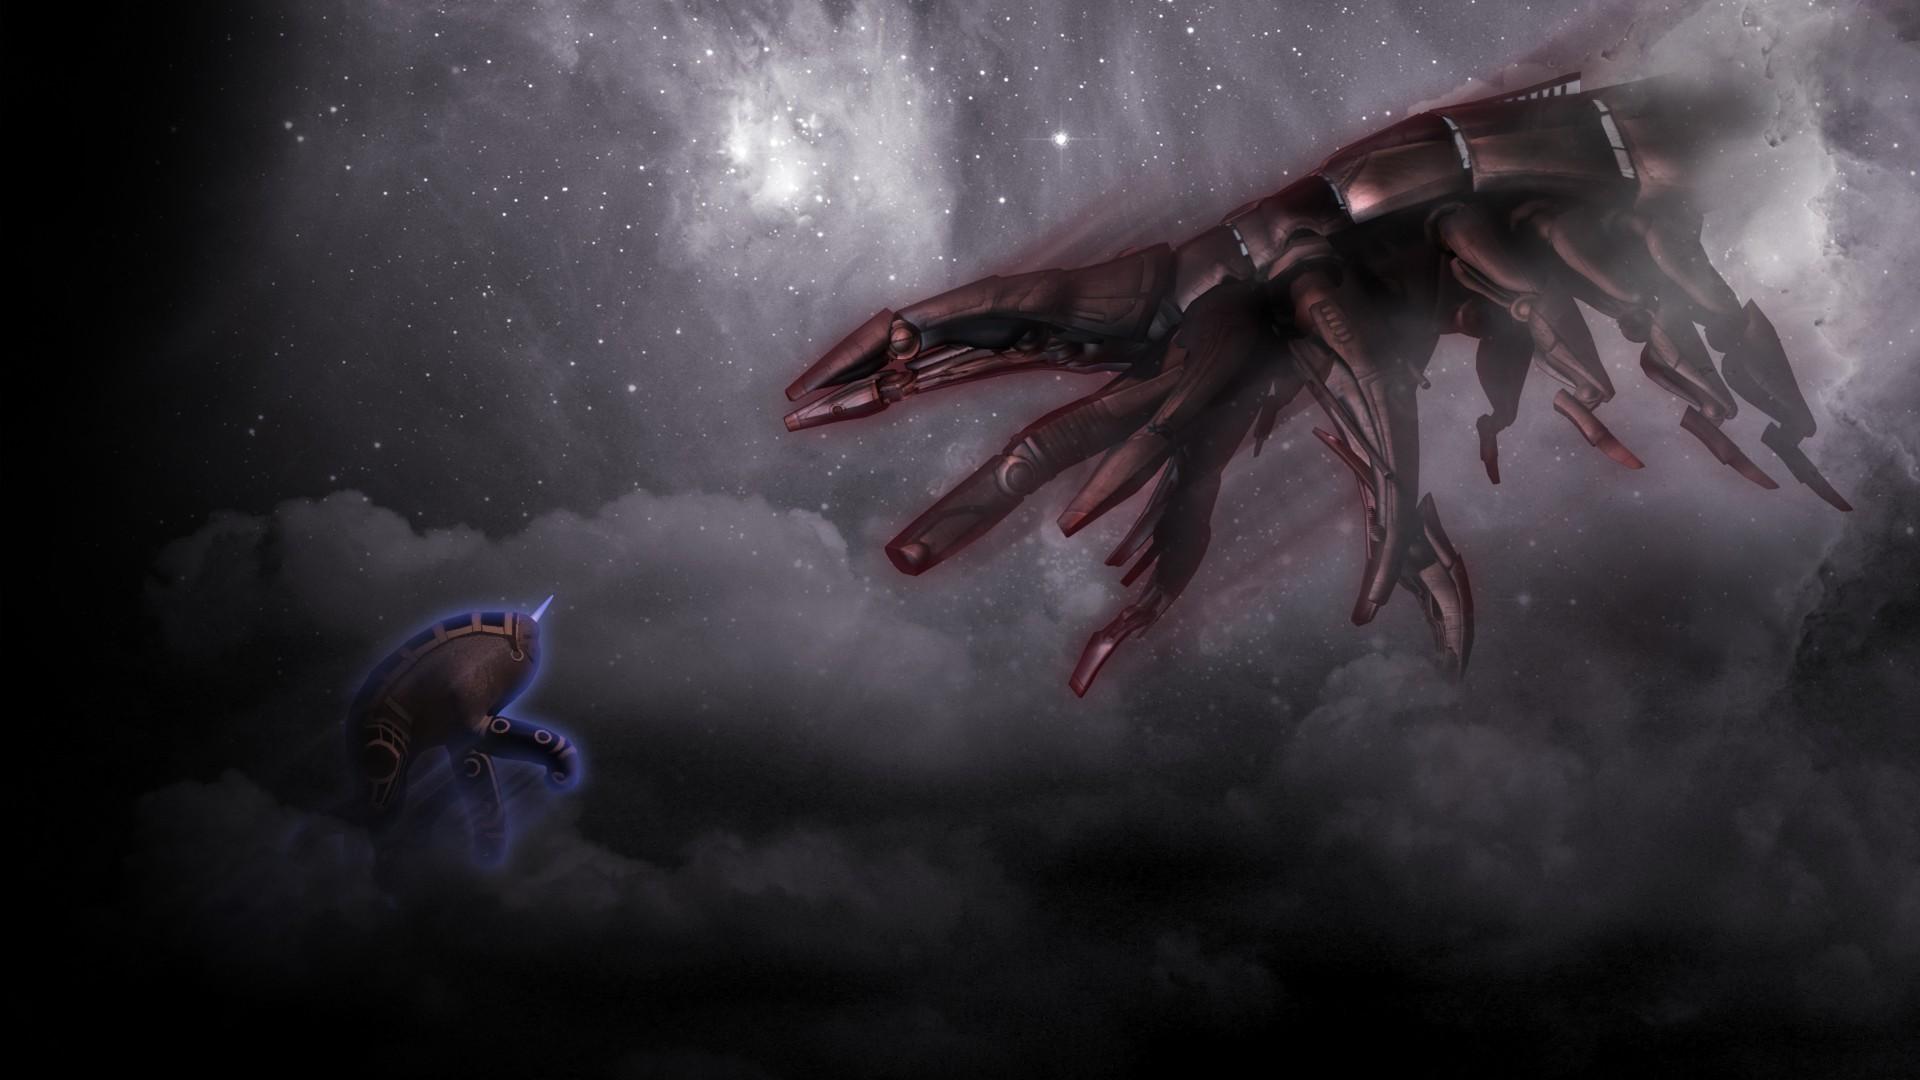 Mass Effect Reaper Wallpaper